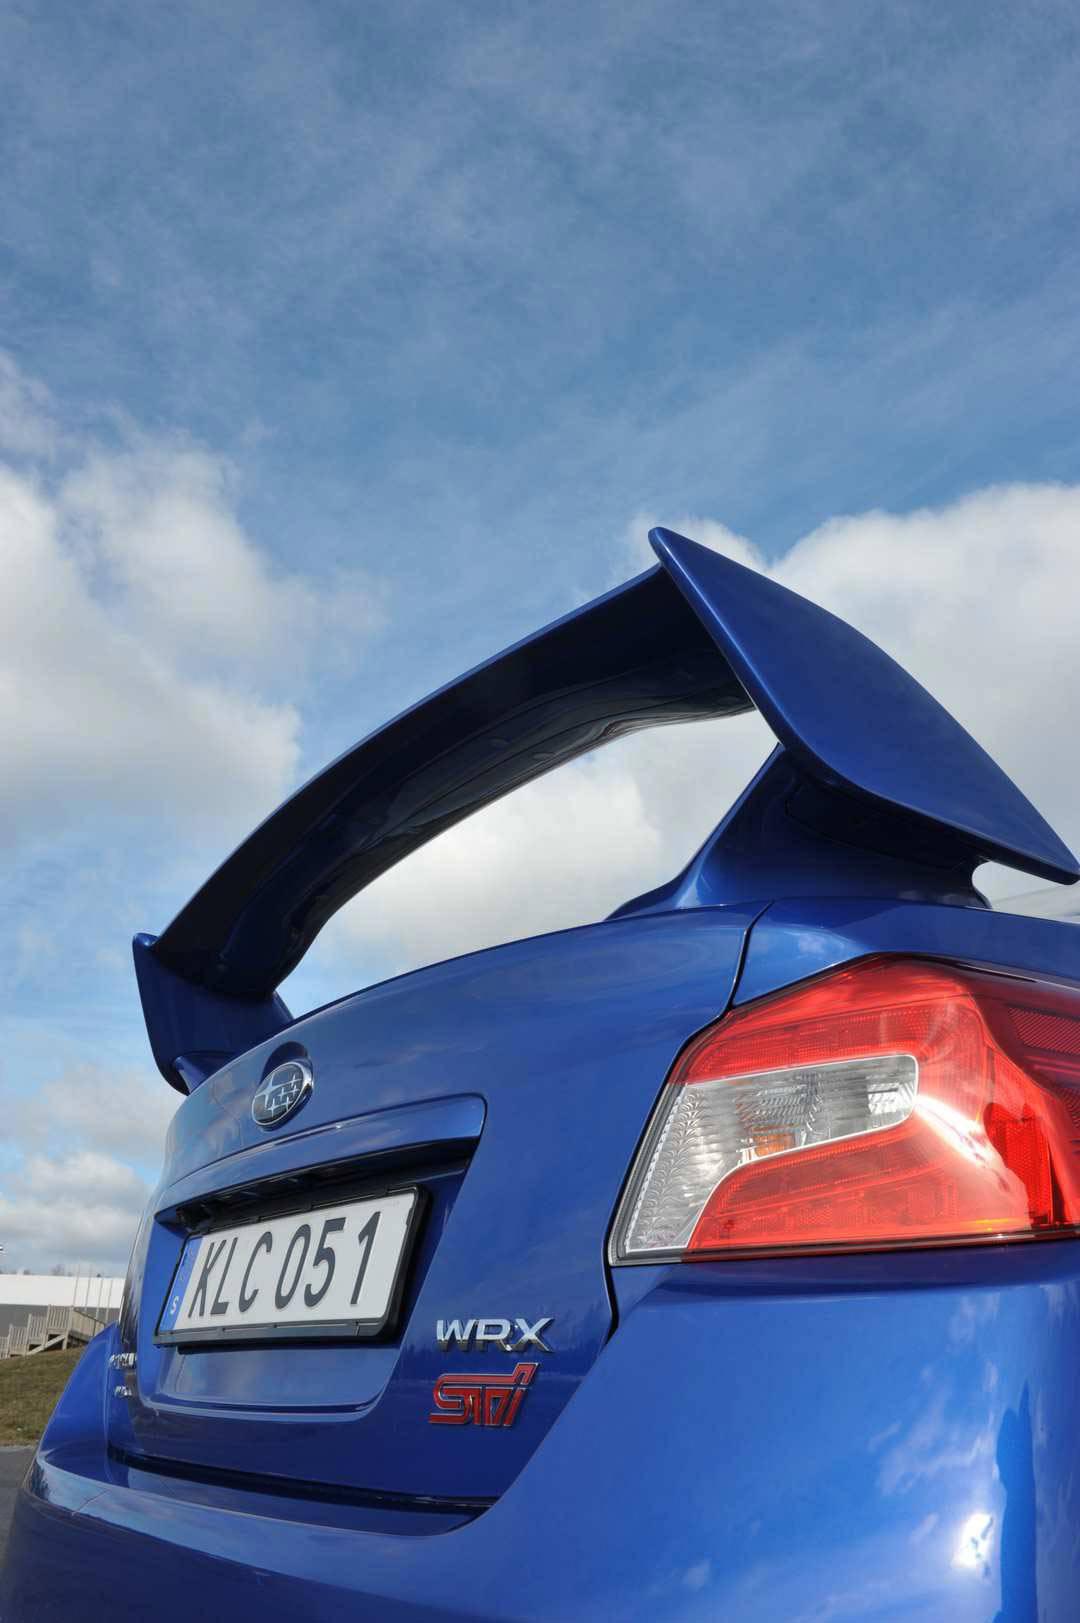 _Subaru-WRX-STI-Sport-heck